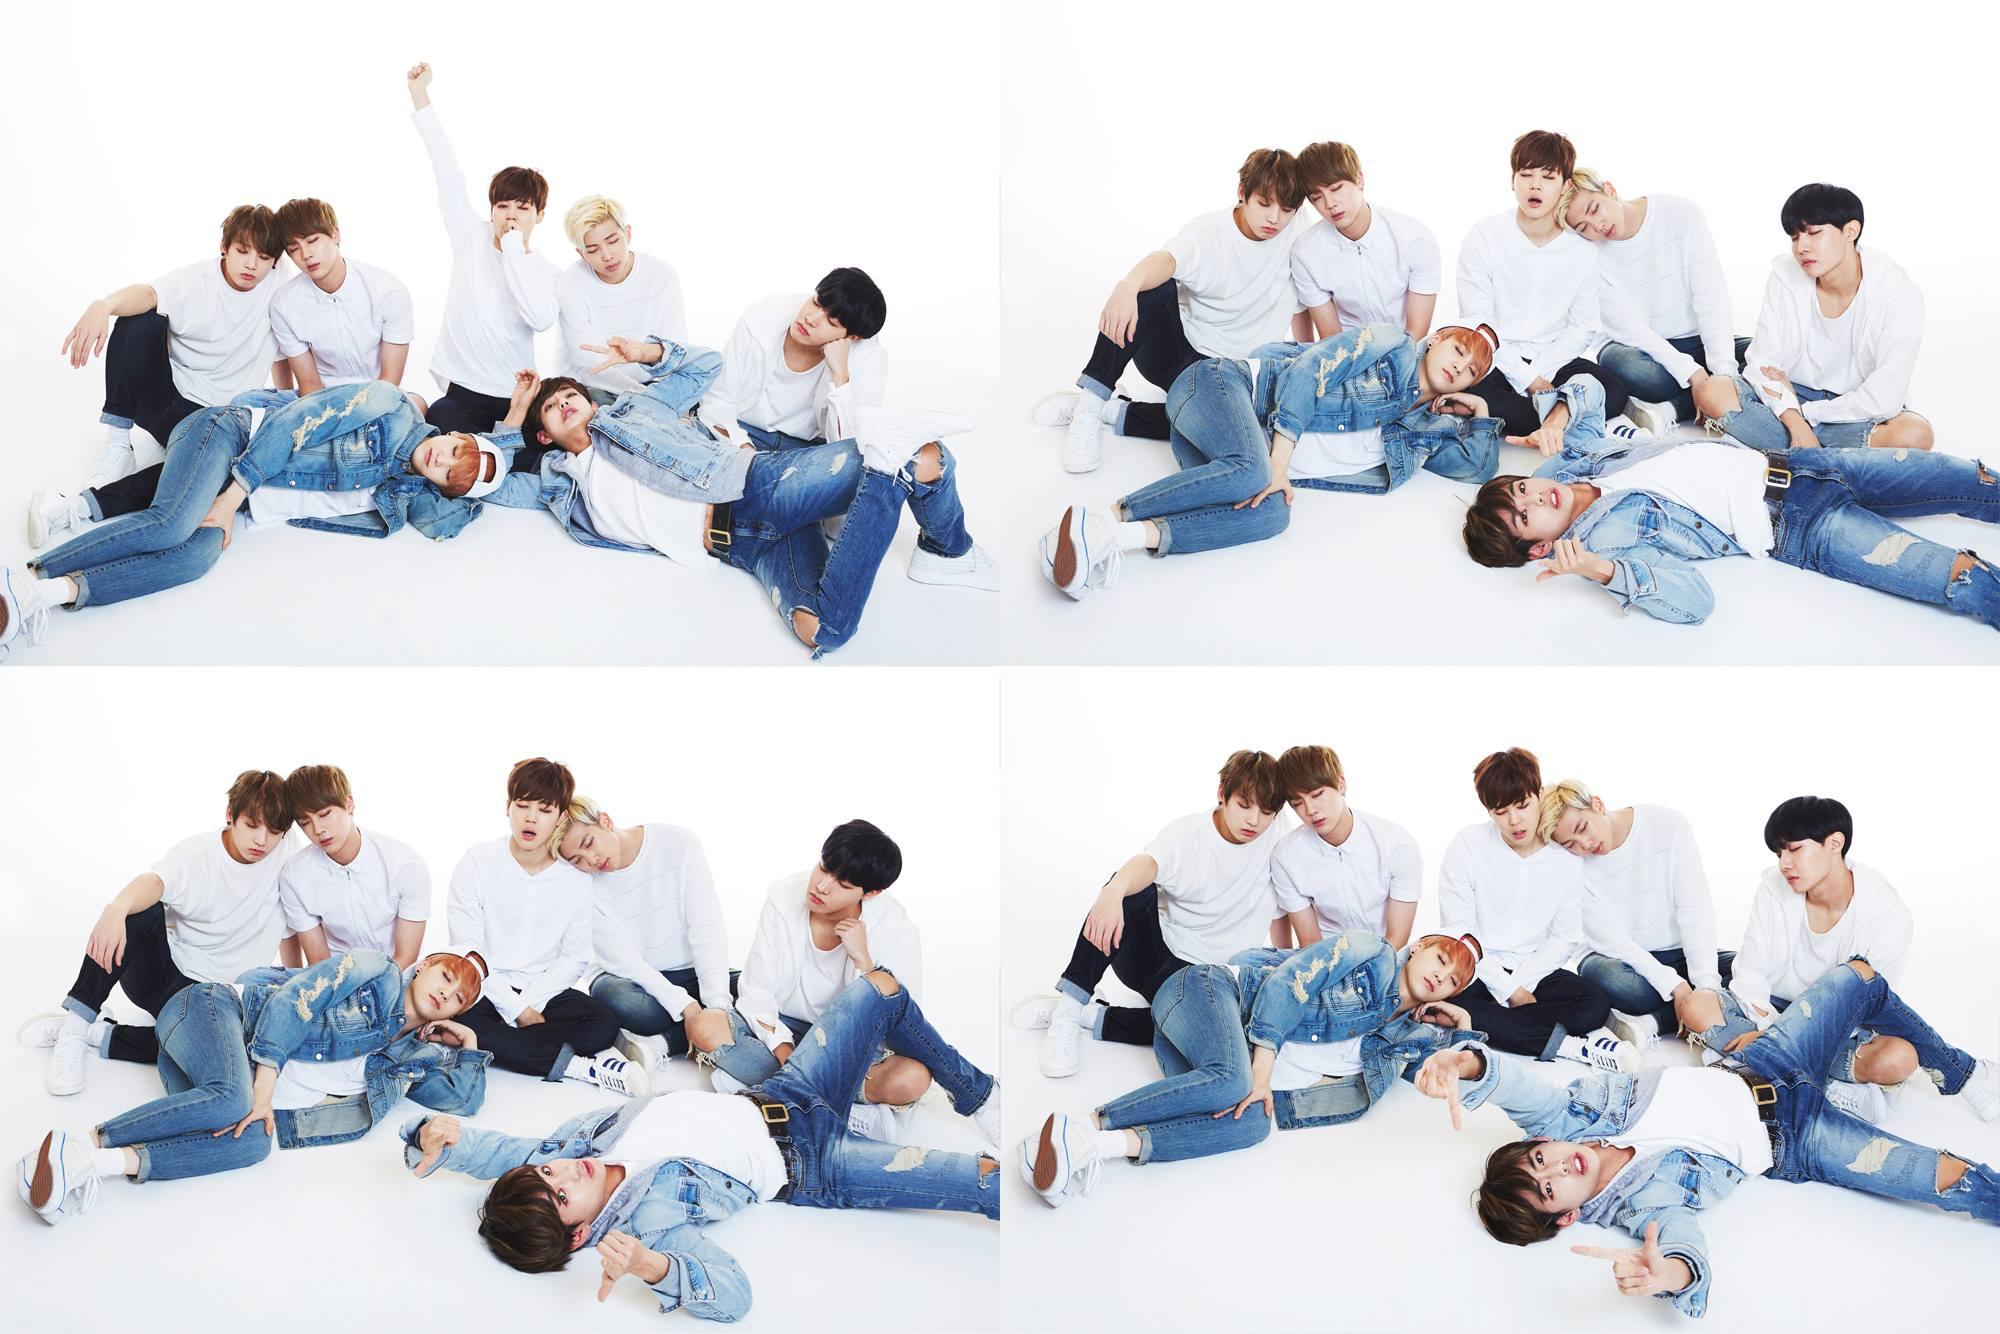 ★ 防彈少年團 :: 20.4 歲 ★  最近在韓國人氣很高的防彈少年團,是由 Jin、SUGA、J-hope、Rap Monster、Jimin、V、Jung Kook 等七名成員組成,預計在 11 月底回歸的他們,非常期待這次的排舞風格。